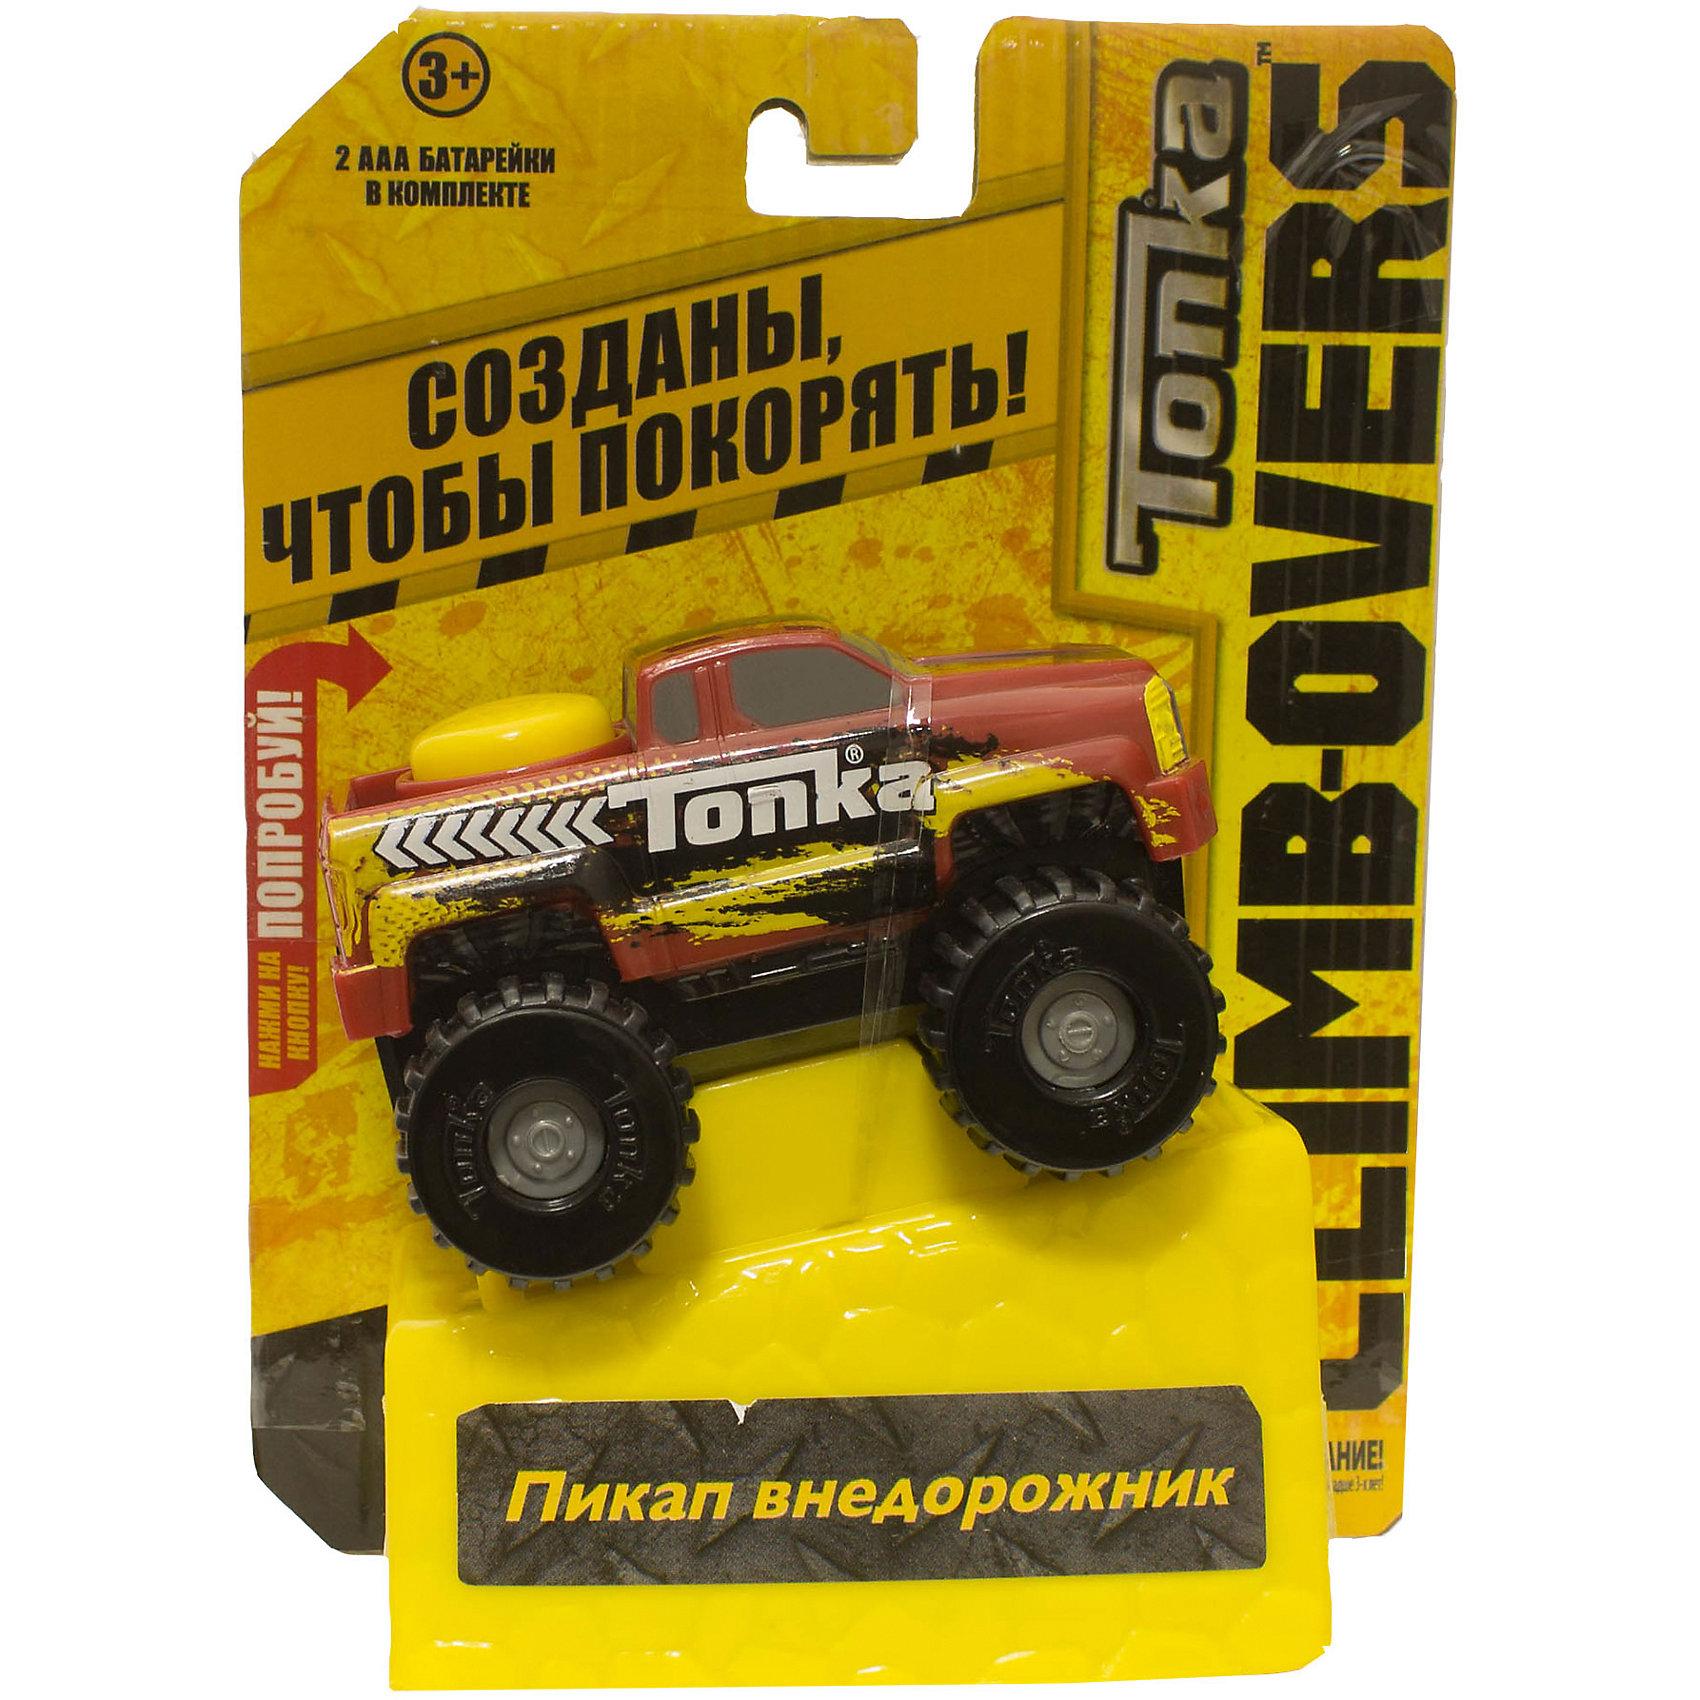 Машинка Climb-overs Пикап внедорожник, TonkaМашинки<br>Машинка Climb-overs Пикап внедорожник, Tonka<br><br>В набор входит:<br><br>-машинка<br><br>Характеристики:<br><br>-Возраст: от 3 лет<br>-Для мальчиков<br>-Тип батареек: 2 x AAA / LR0.3 1.5V <br>-Материал: пластик<br>-Марка: Tonka(Тонка)<br><br>Машинка Tonka Climb-overs Пикап внедорожник станет отличным подарком юному любителю гонок. Красный джип с желтым рисунком имеет открытый кузов. Мощные черные колеса автомобиля с серыми дисками легко проедут через любое препятствие. А если ребенок нажмет на большую желтую кнопку, располагающуюся на крыше кузова, то машинка быстро помчится вперед. Собери всю коллекцию машинок данной серии и играй в них вместе с друзьями, придумывая разные игровые сюжеты! Также машинка подойдет для треков этой серии. Для работы машинки требуются 3 батарейки типа ААА(в комплект не входят).<br><br>Машинка Climb-overs Пикап внедорожник, Tonka можно приобрести в нашем интернет-магазине.<br><br>Ширина мм: 165<br>Глубина мм: 51<br>Высота мм: 127<br>Вес г: 150<br>Возраст от месяцев: 36<br>Возраст до месяцев: 120<br>Пол: Мужской<br>Возраст: Детский<br>SKU: 5115729